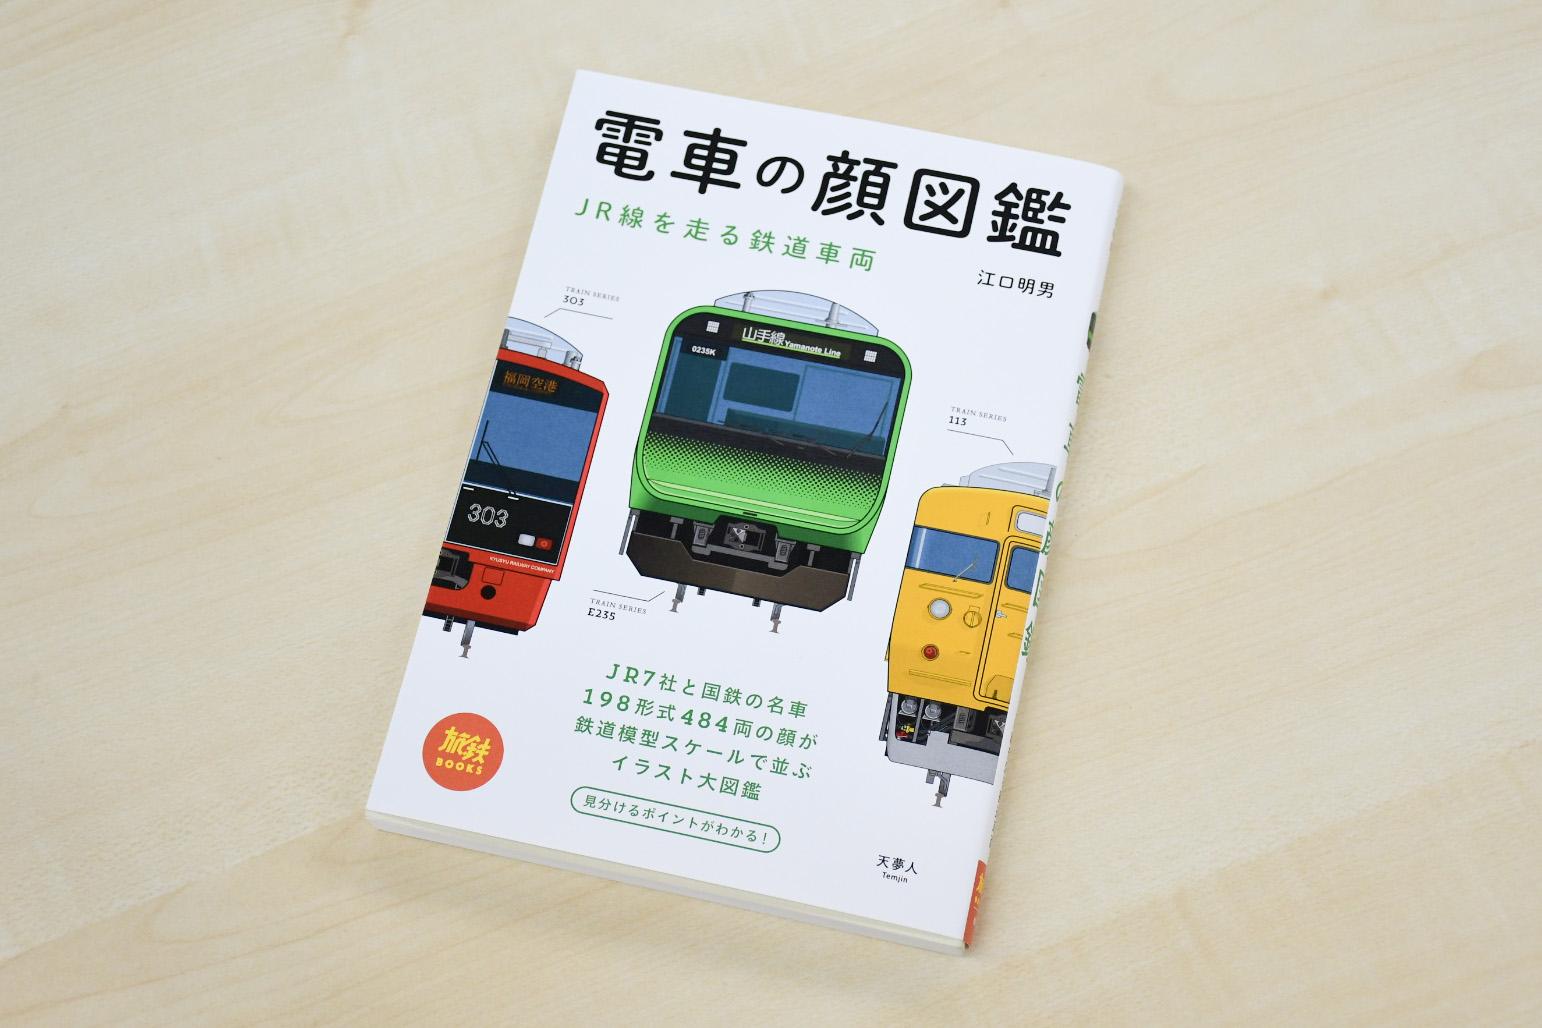 江口明男さん著・画 「電車の顔図鑑 JR線を走る鉄道車両」